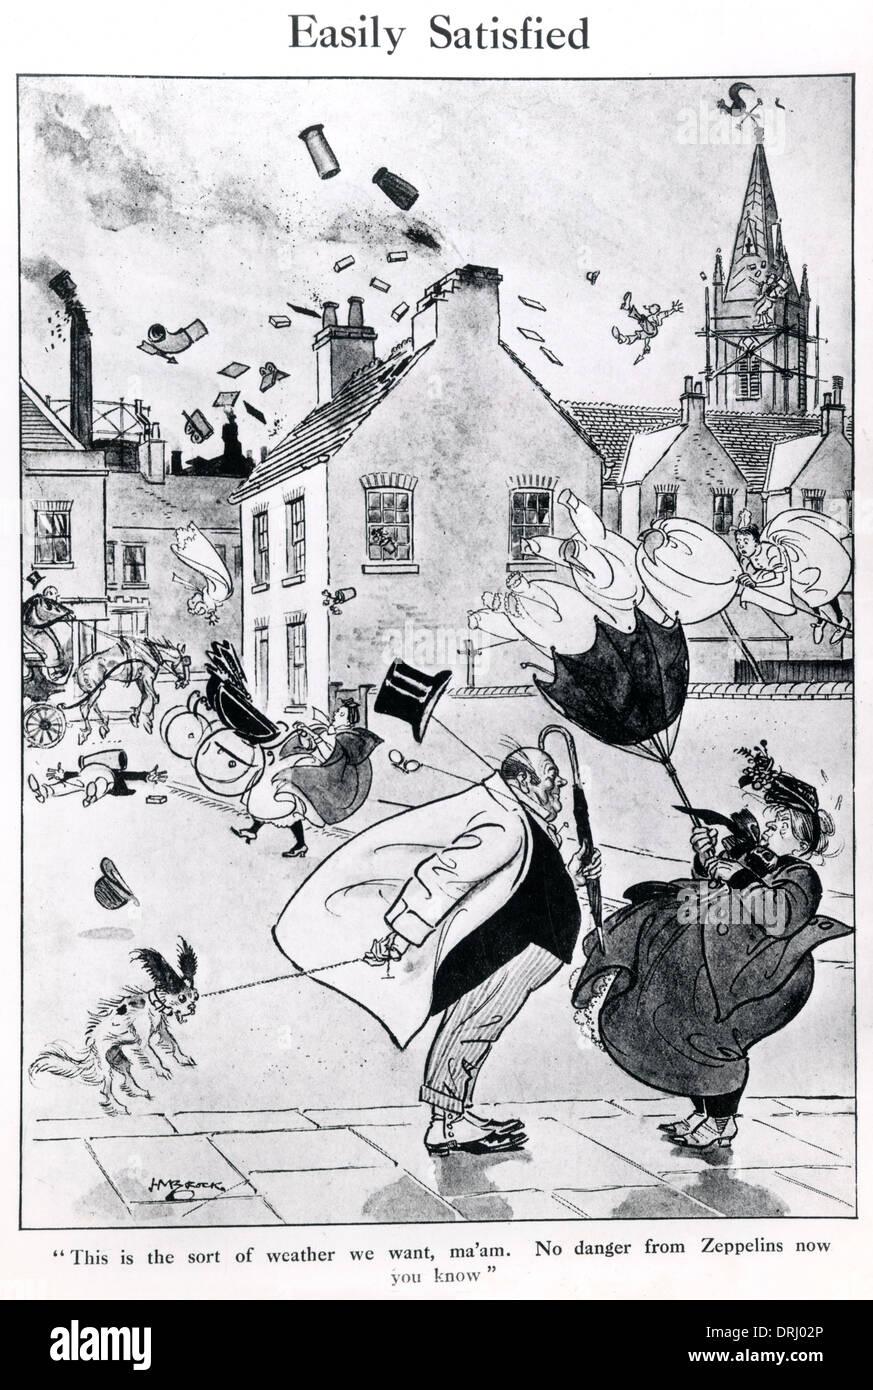 British cartoon, Easily Satisfied, WW1 - Stock Image